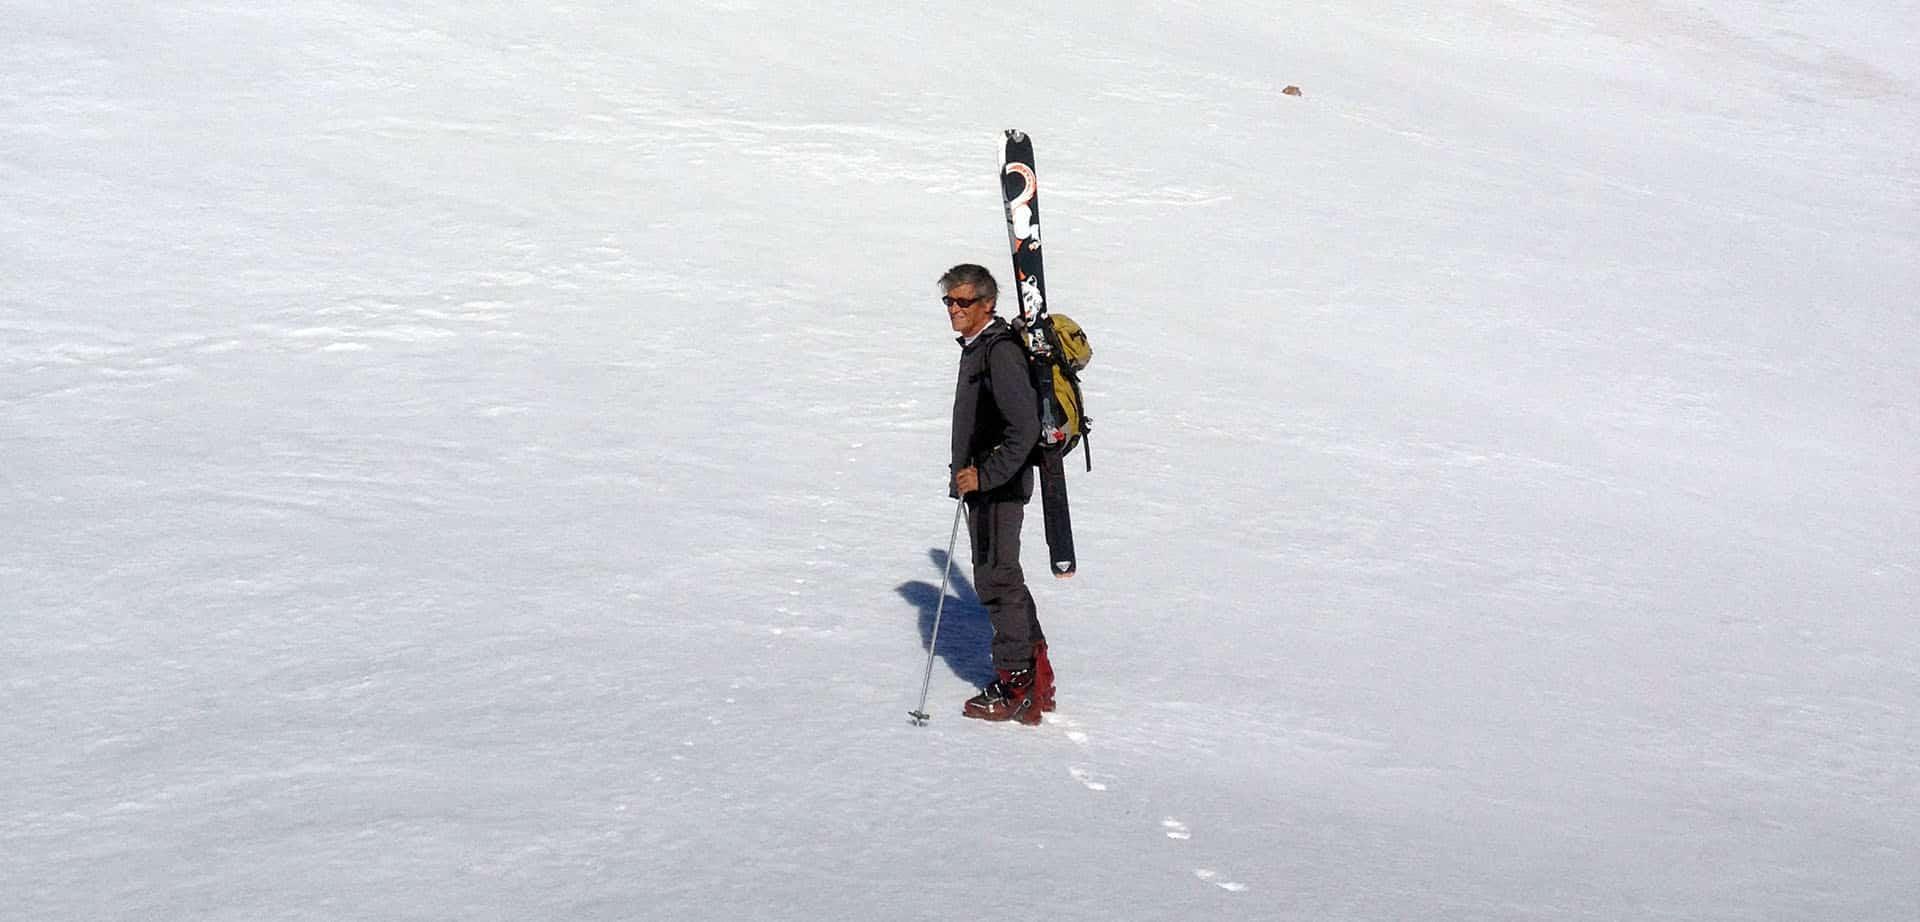 Louis Volle en randonnée